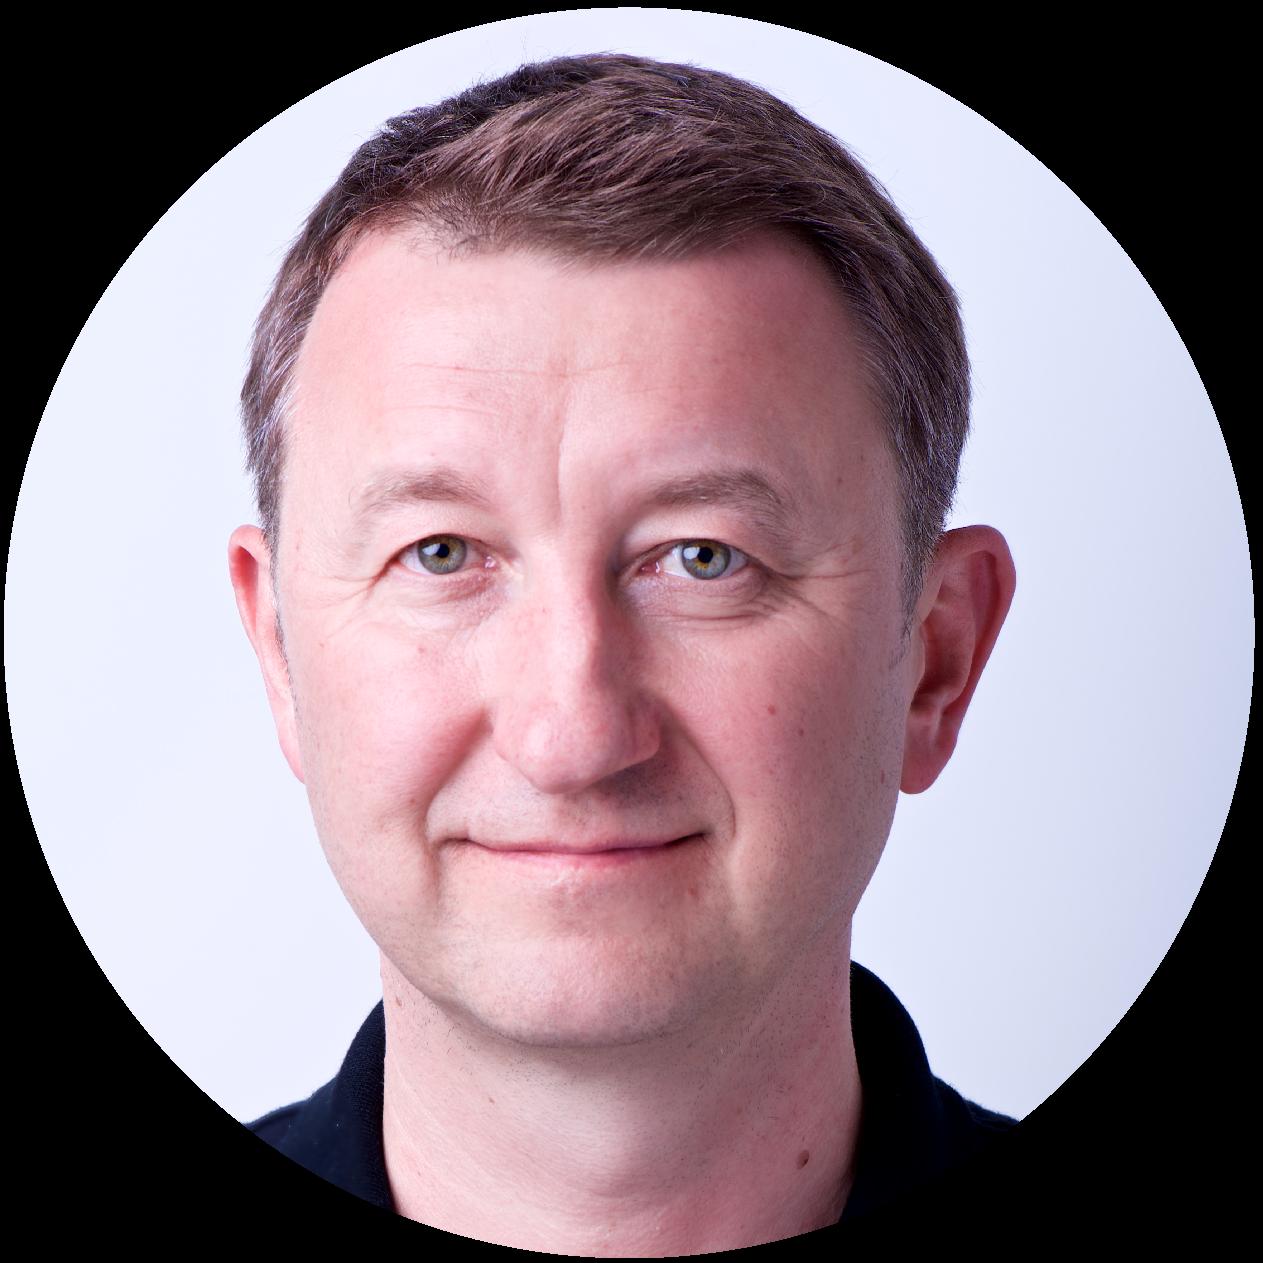 Bartosz Troczyński portret 035